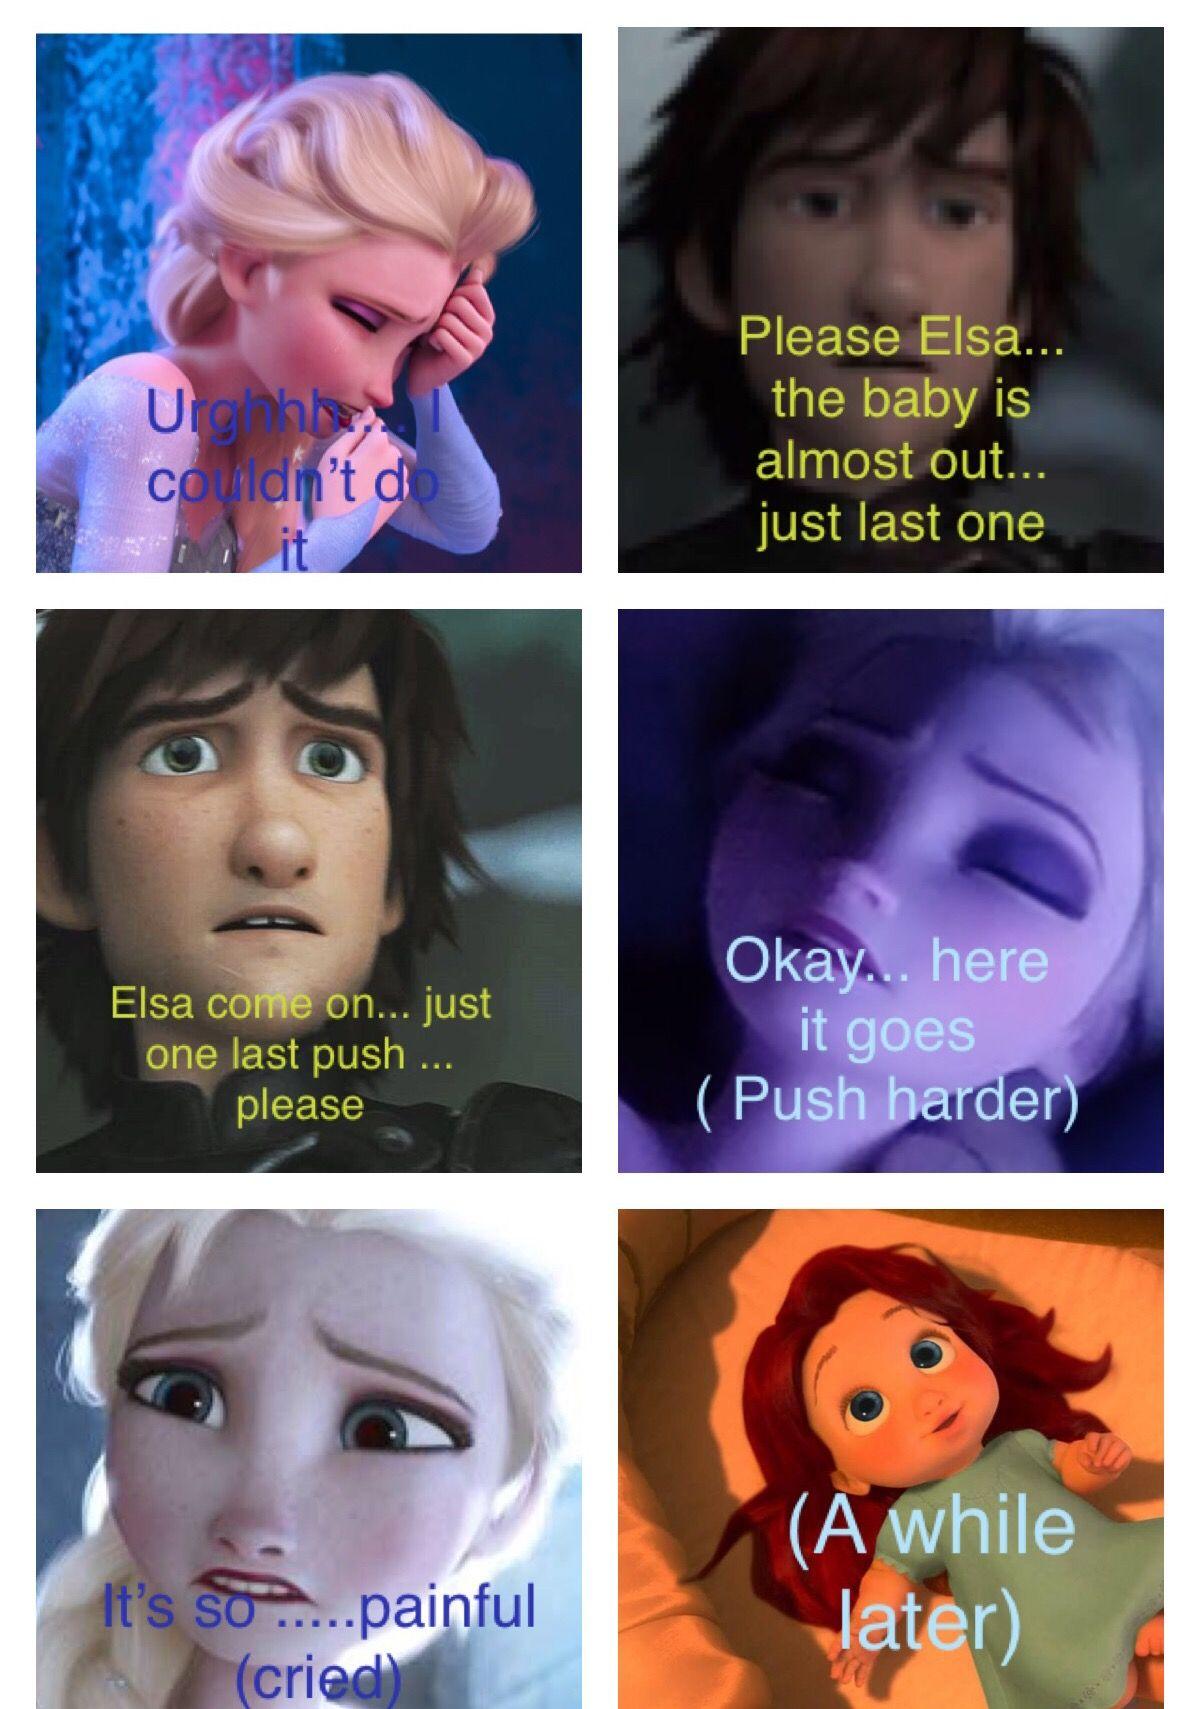 #Hiccelsa #Comics #Pregnant #Elsa #Hiccup #Parents